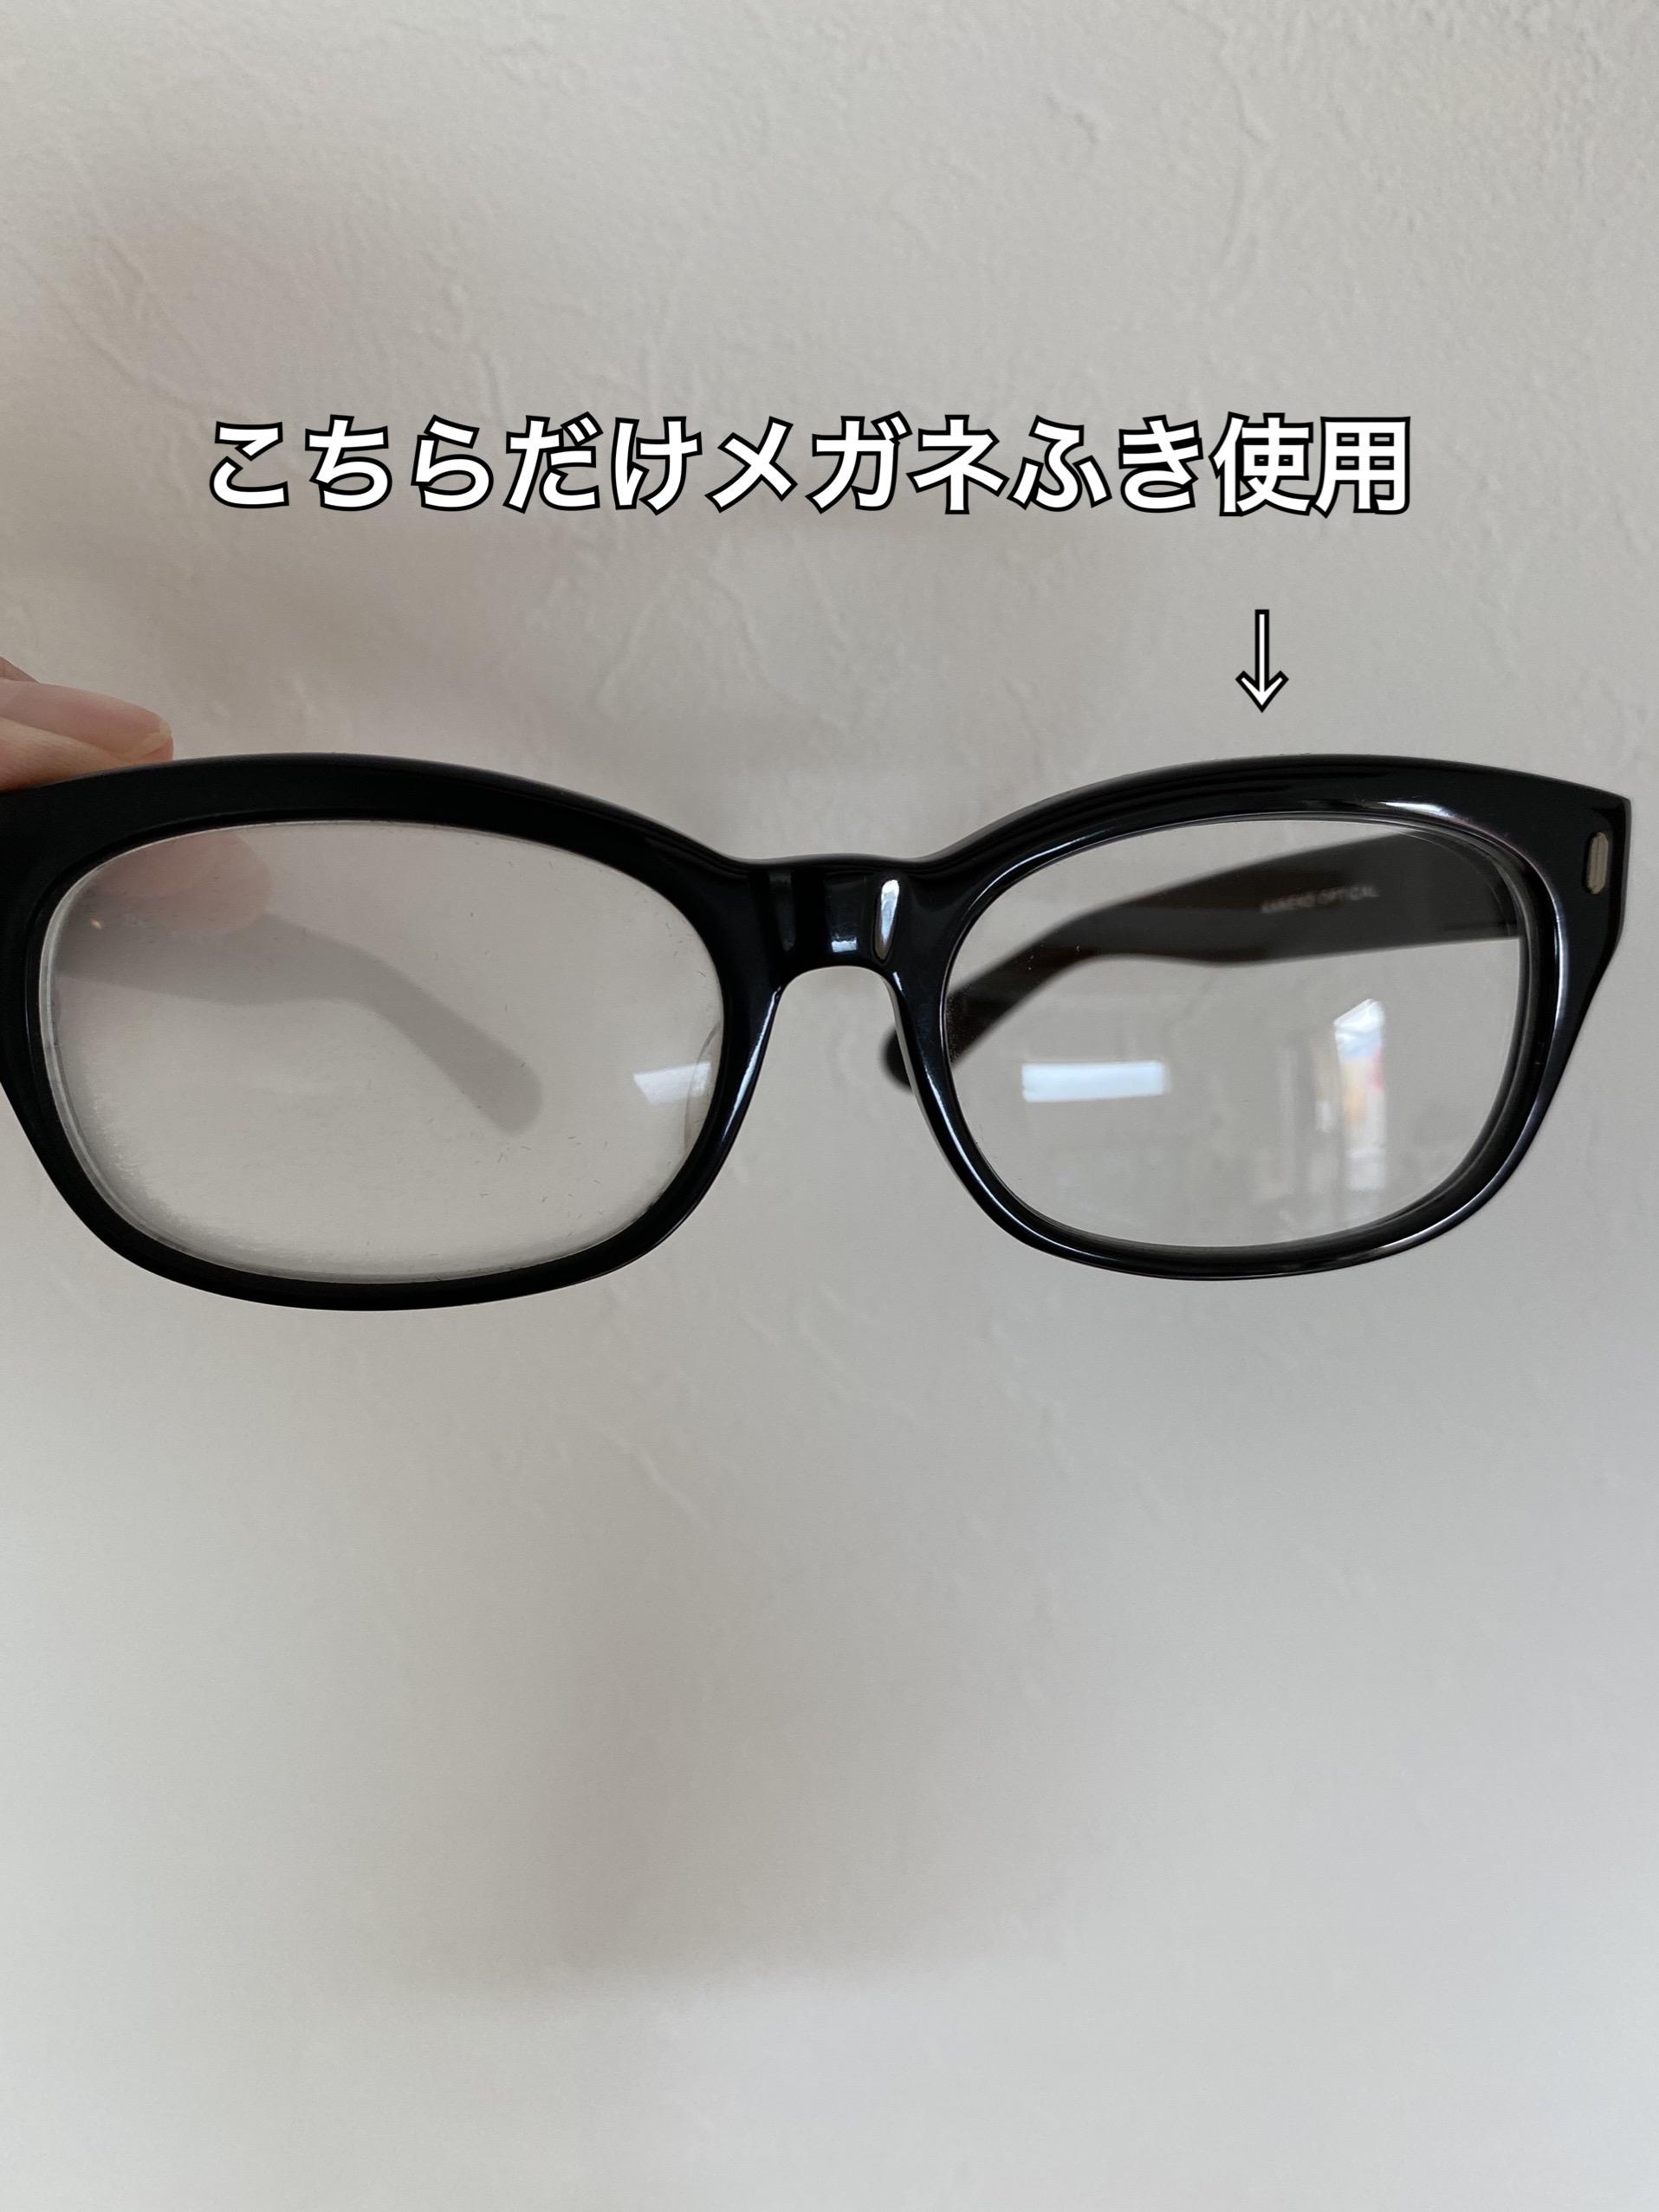 マスクをしてもくもらないメガネふき使用後